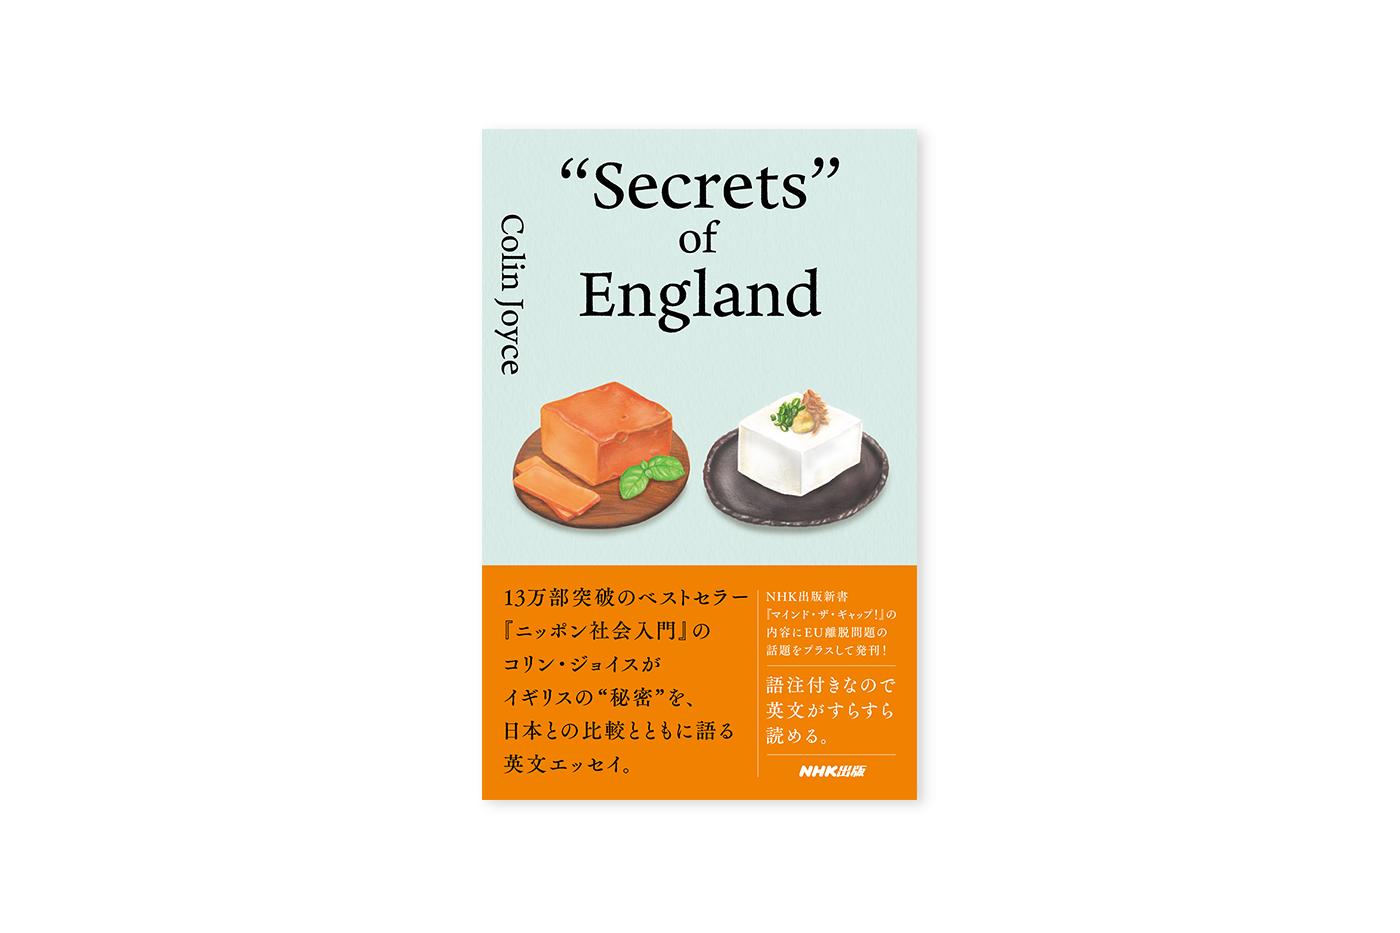 SecretofEngland_hyoshi_obi